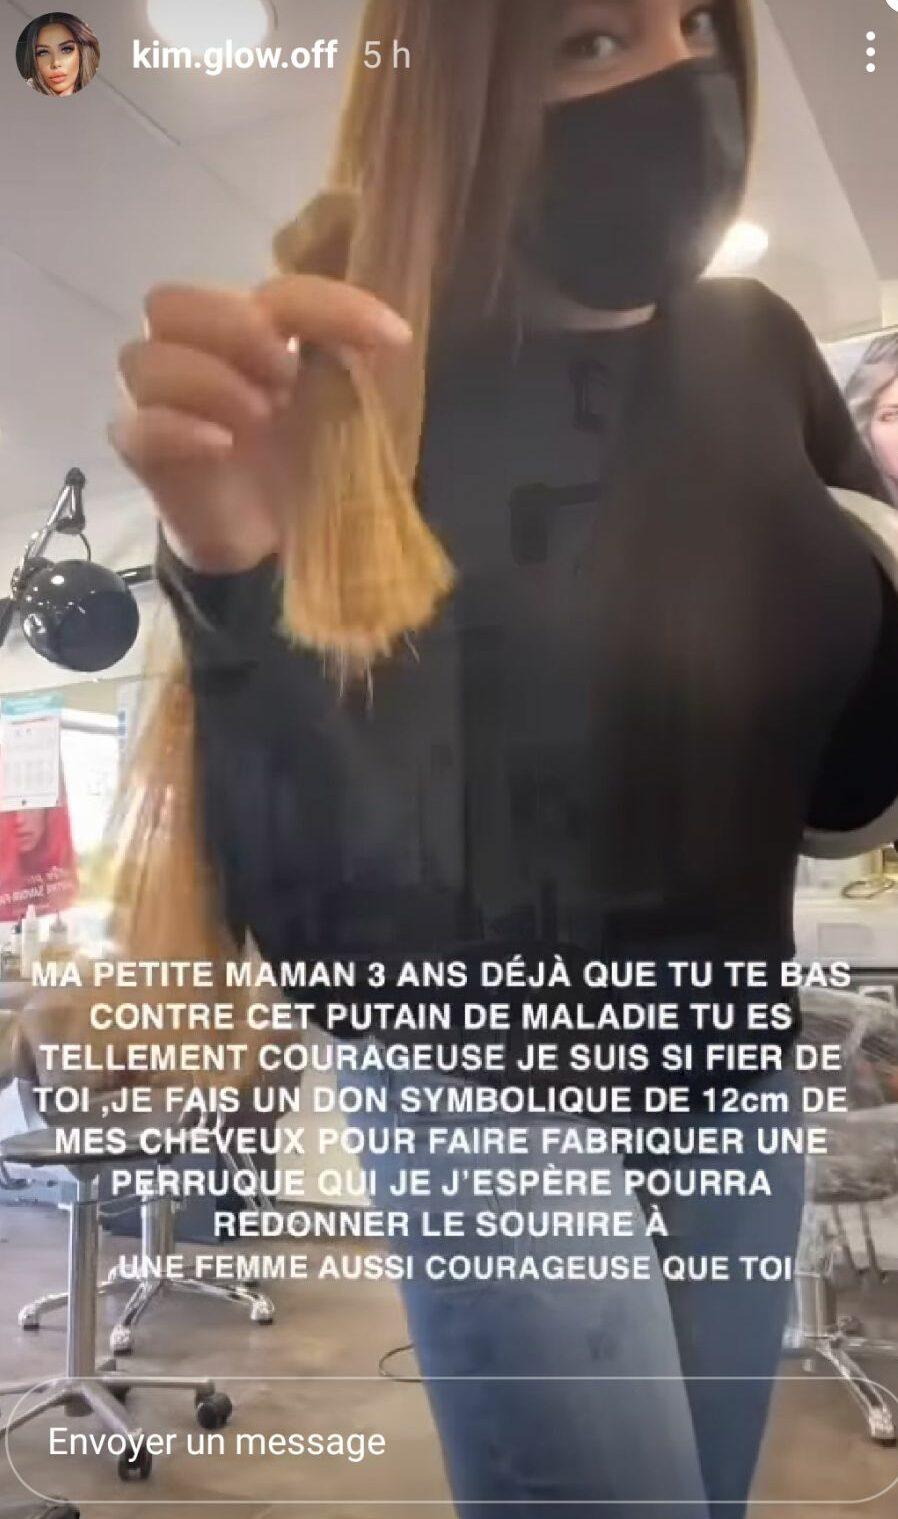 Kim Glow: Elle fait don de ses cheveux, en soutien à sa mère, atteinte d'un cancer